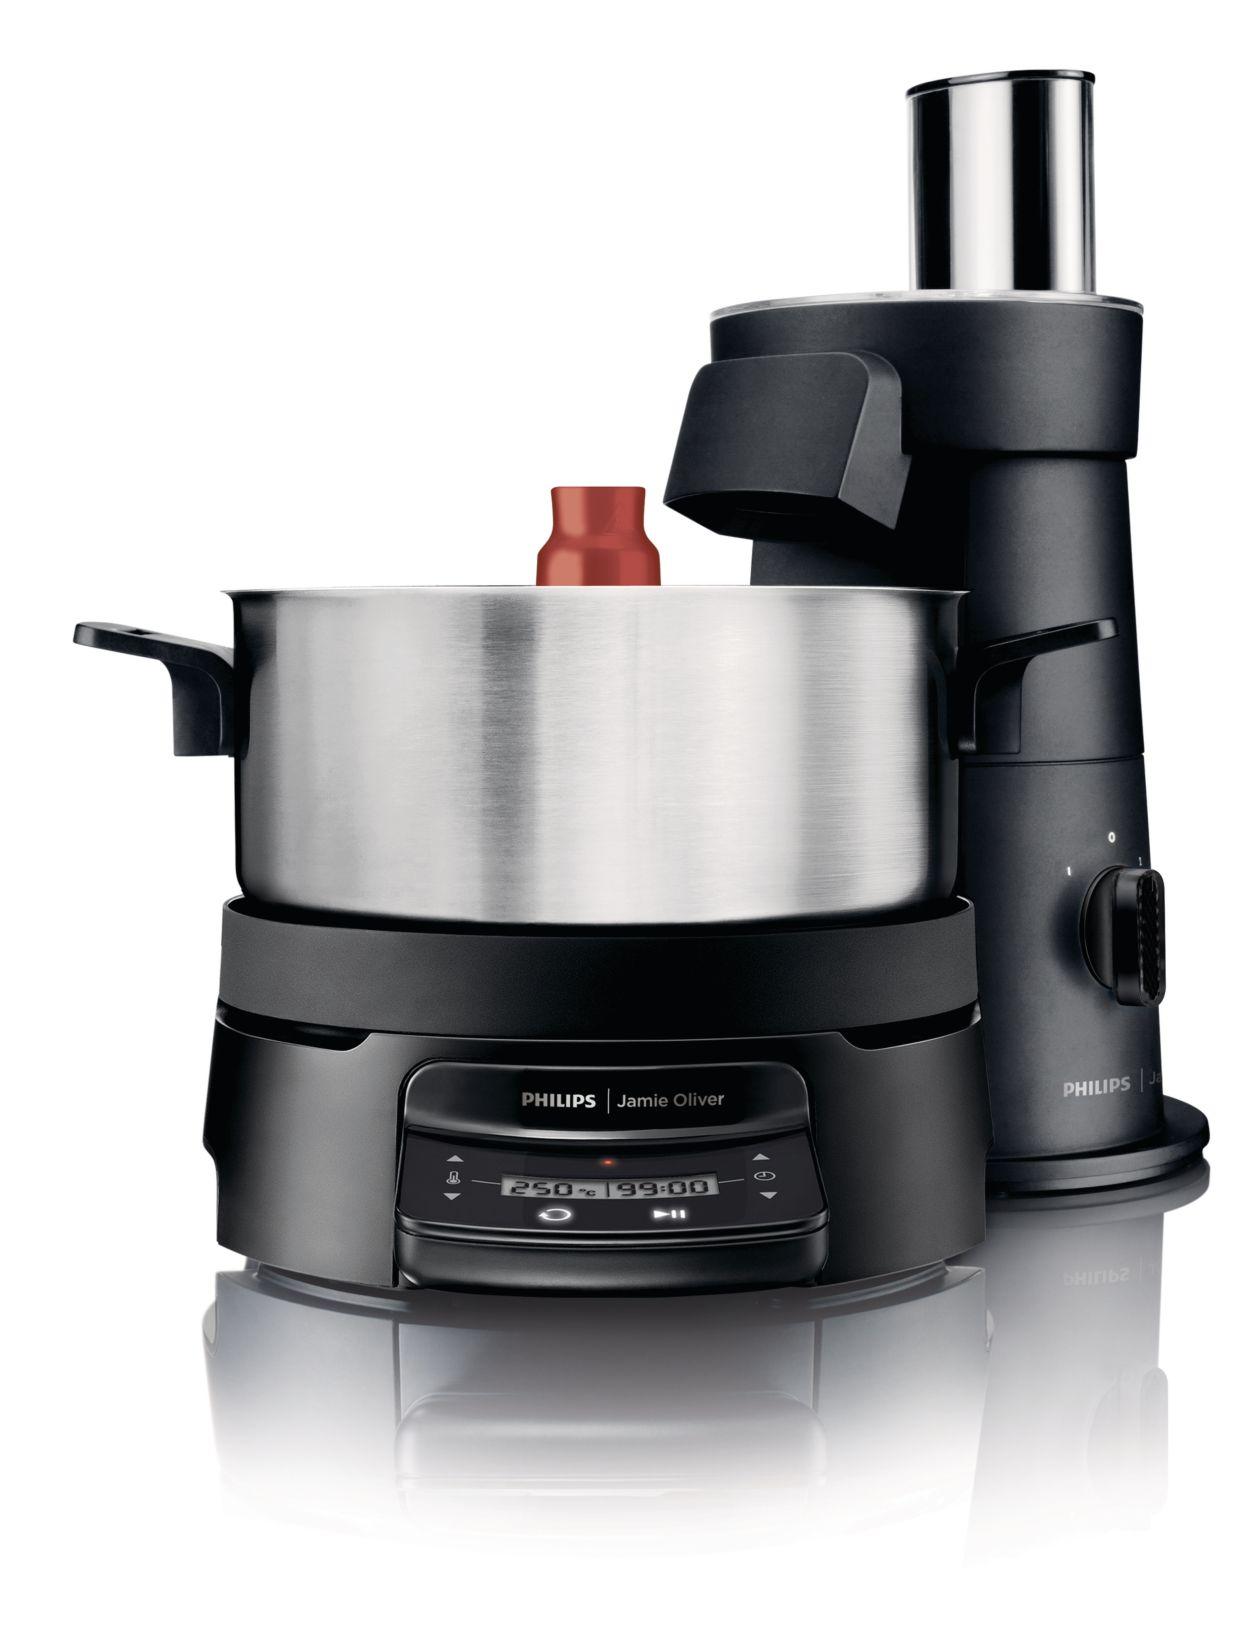 Uncategorized Jamie Oliver Kitchen Appliances jamie oliver homecooker hr105090 philips download image